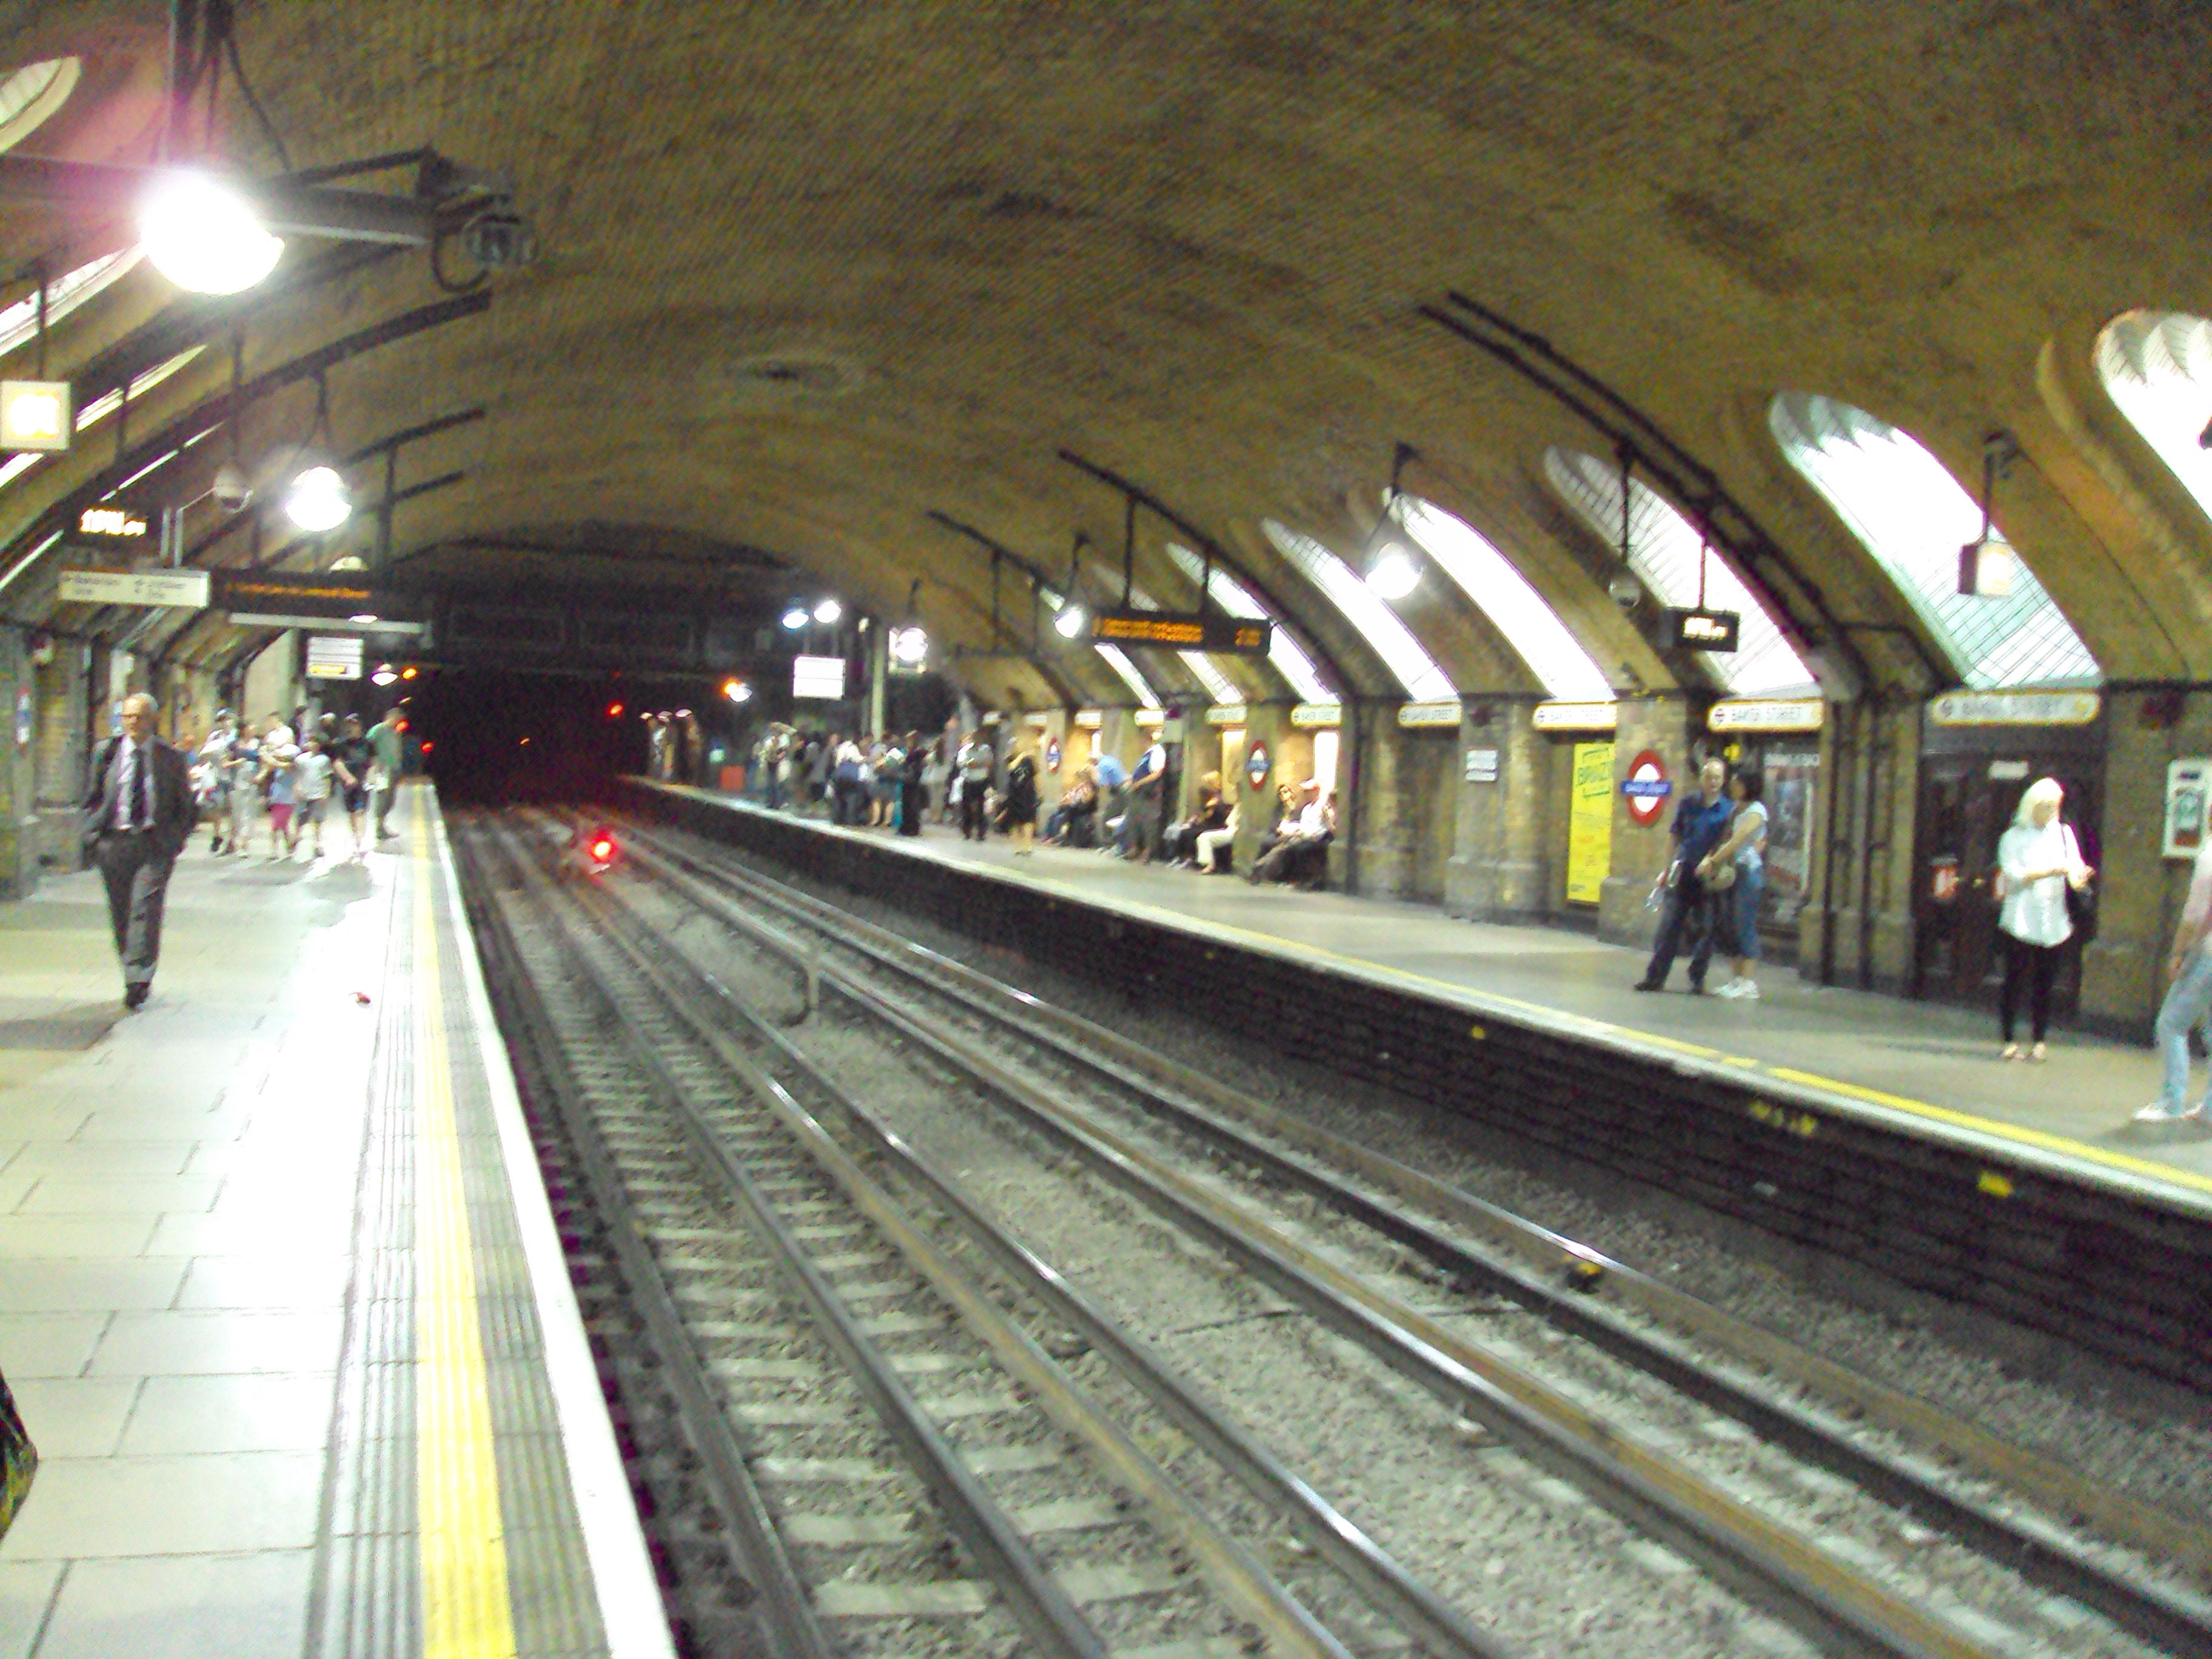 http://upload.wikimedia.org/wikipedia/commons/6/6c/Baker_Street_underground_station_-_DSC07030.JPG